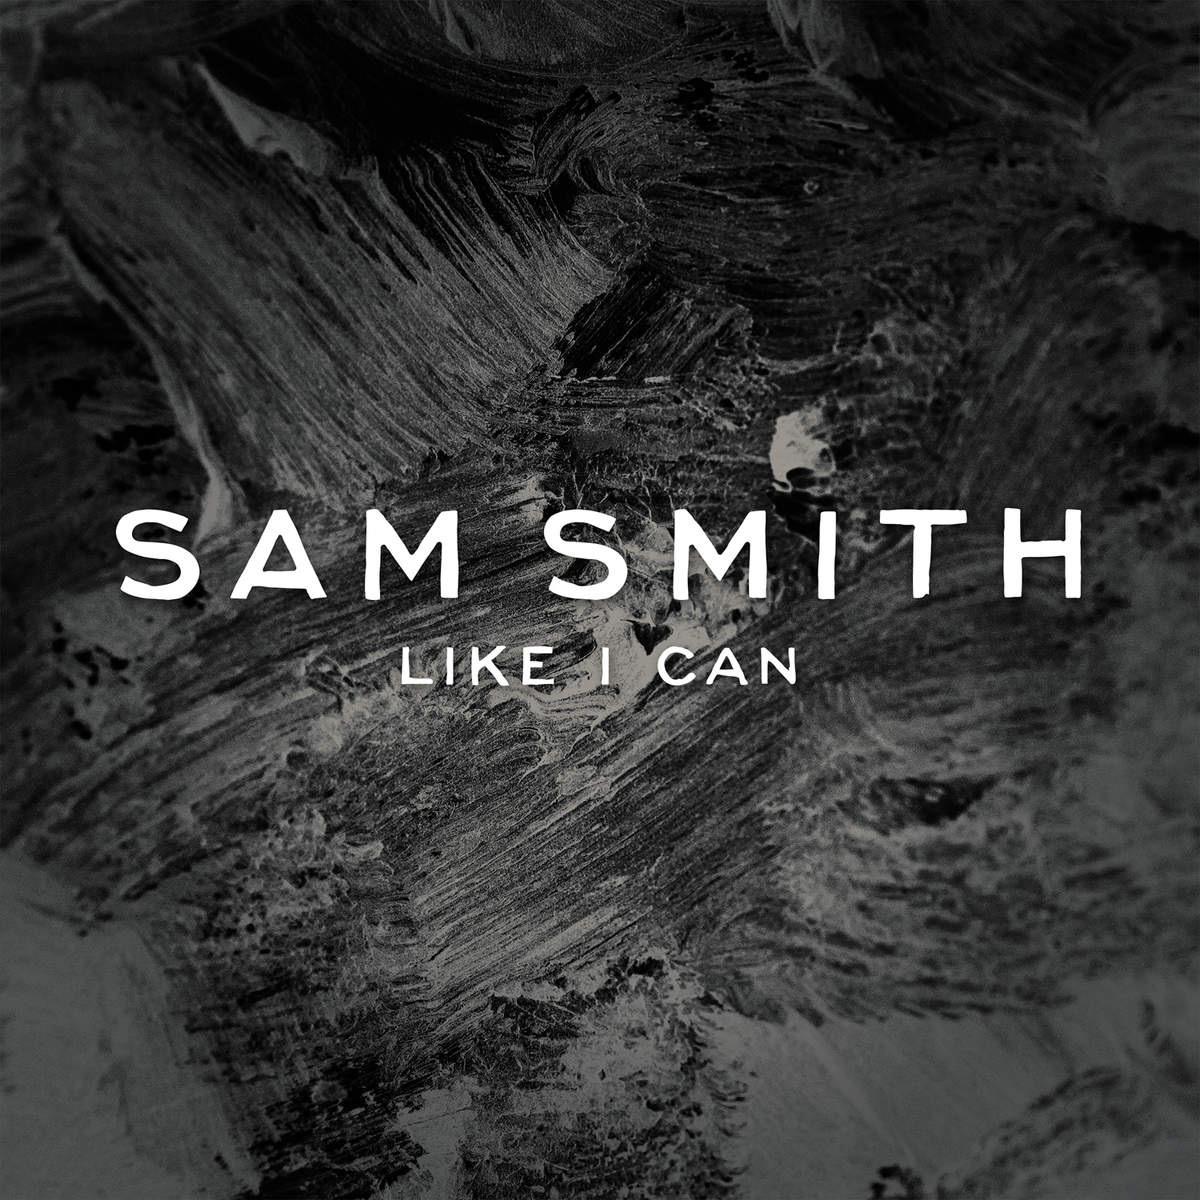 Sam_Smith-Like_I_Can